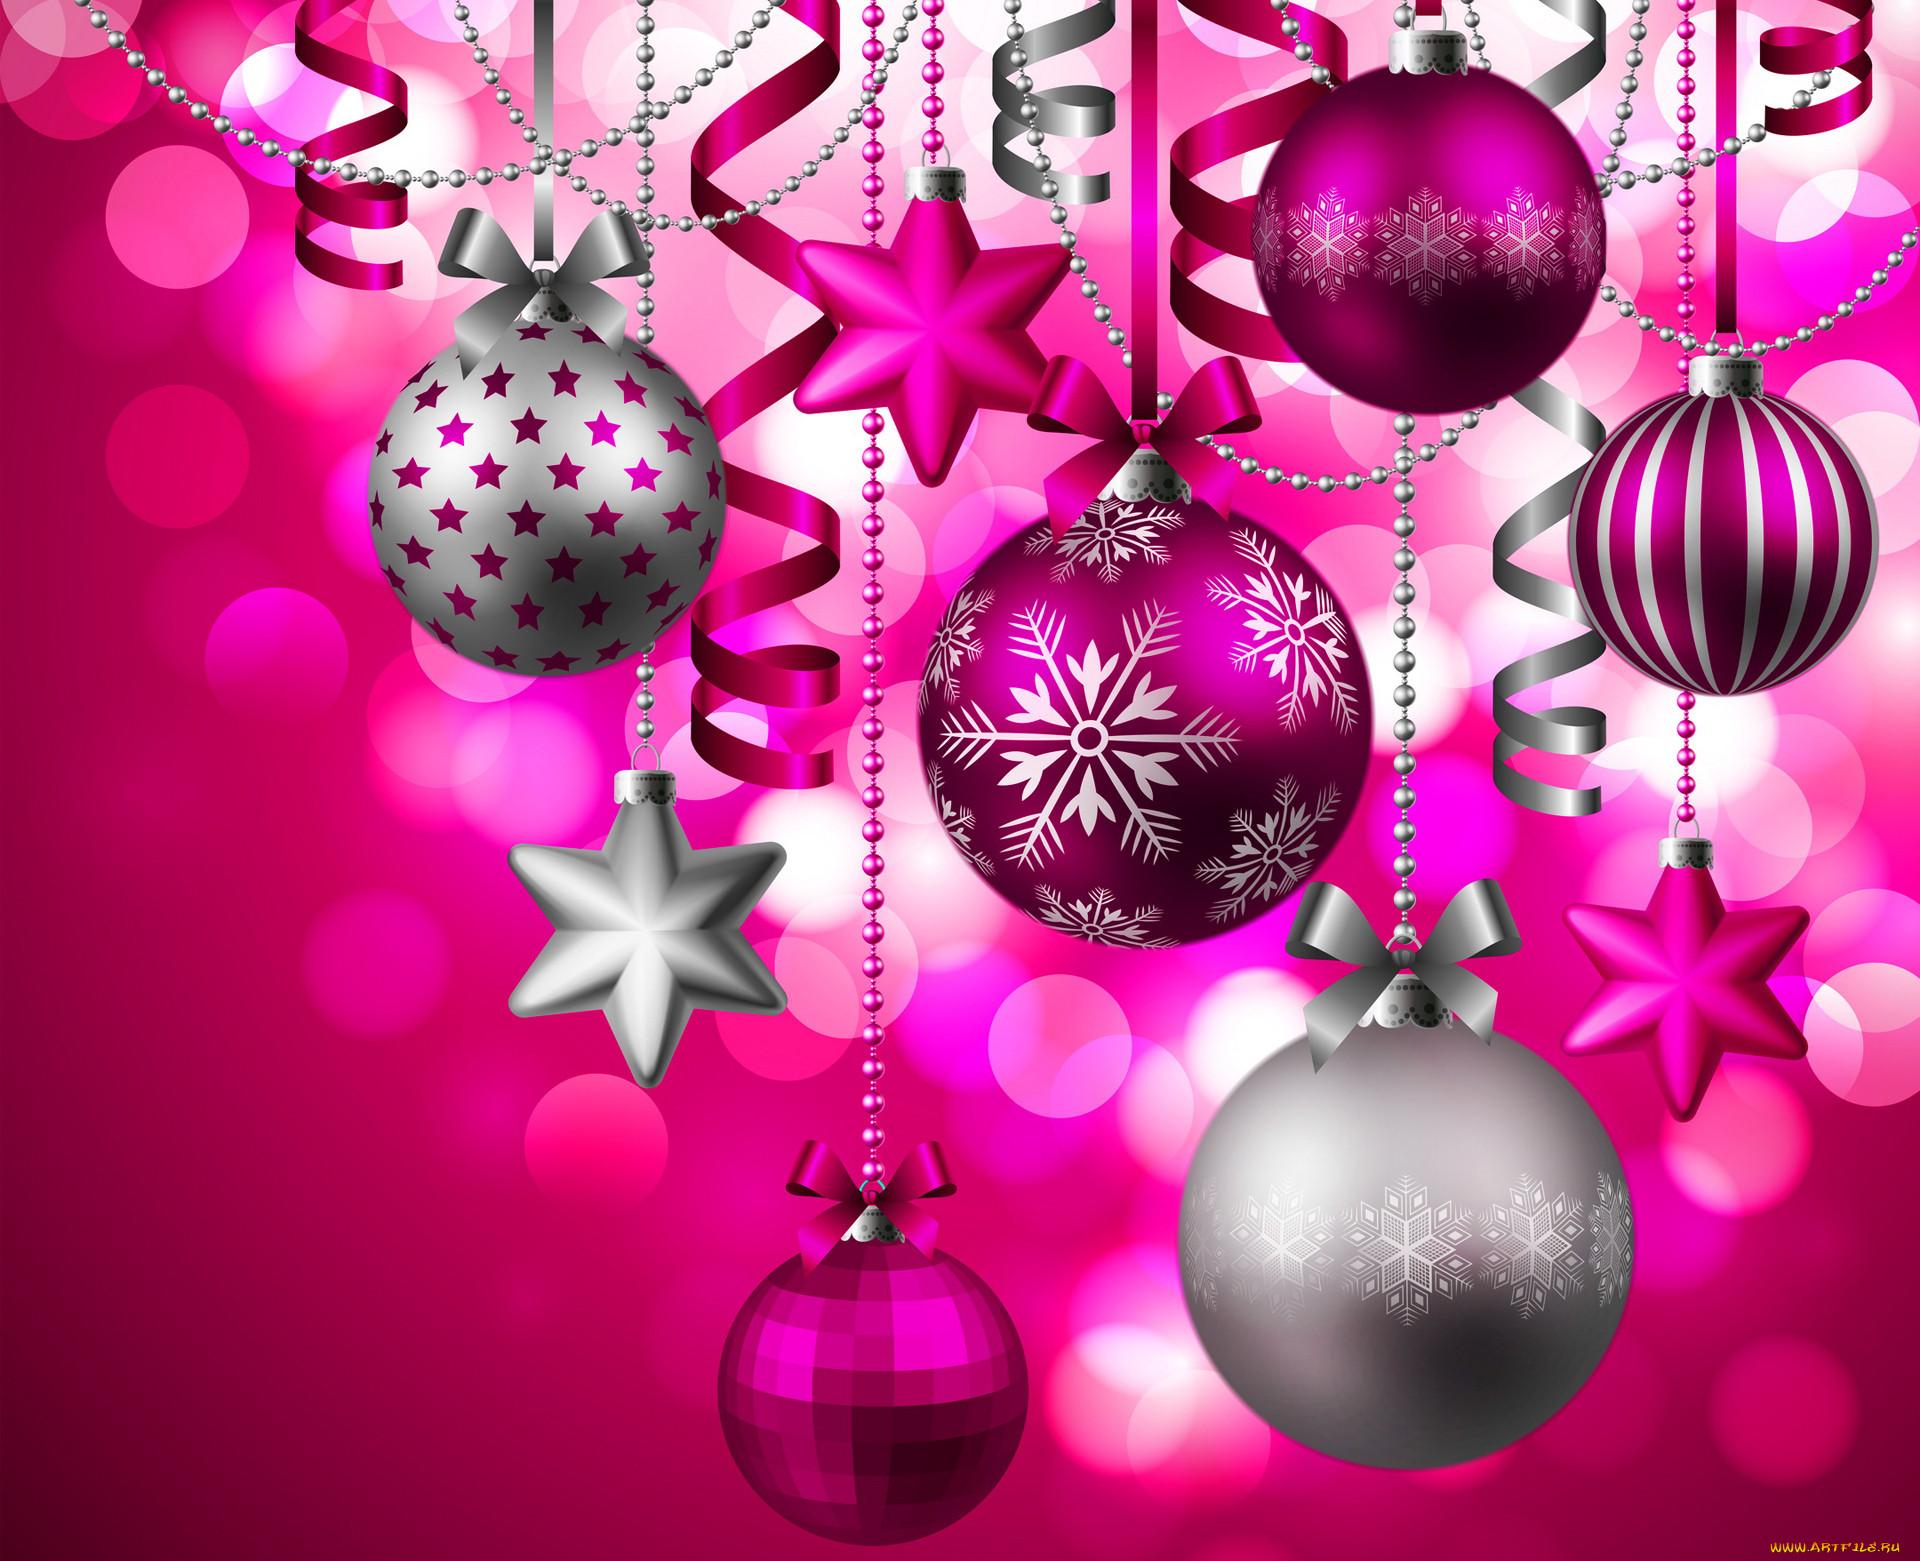 Обложка для открытки с новым годом